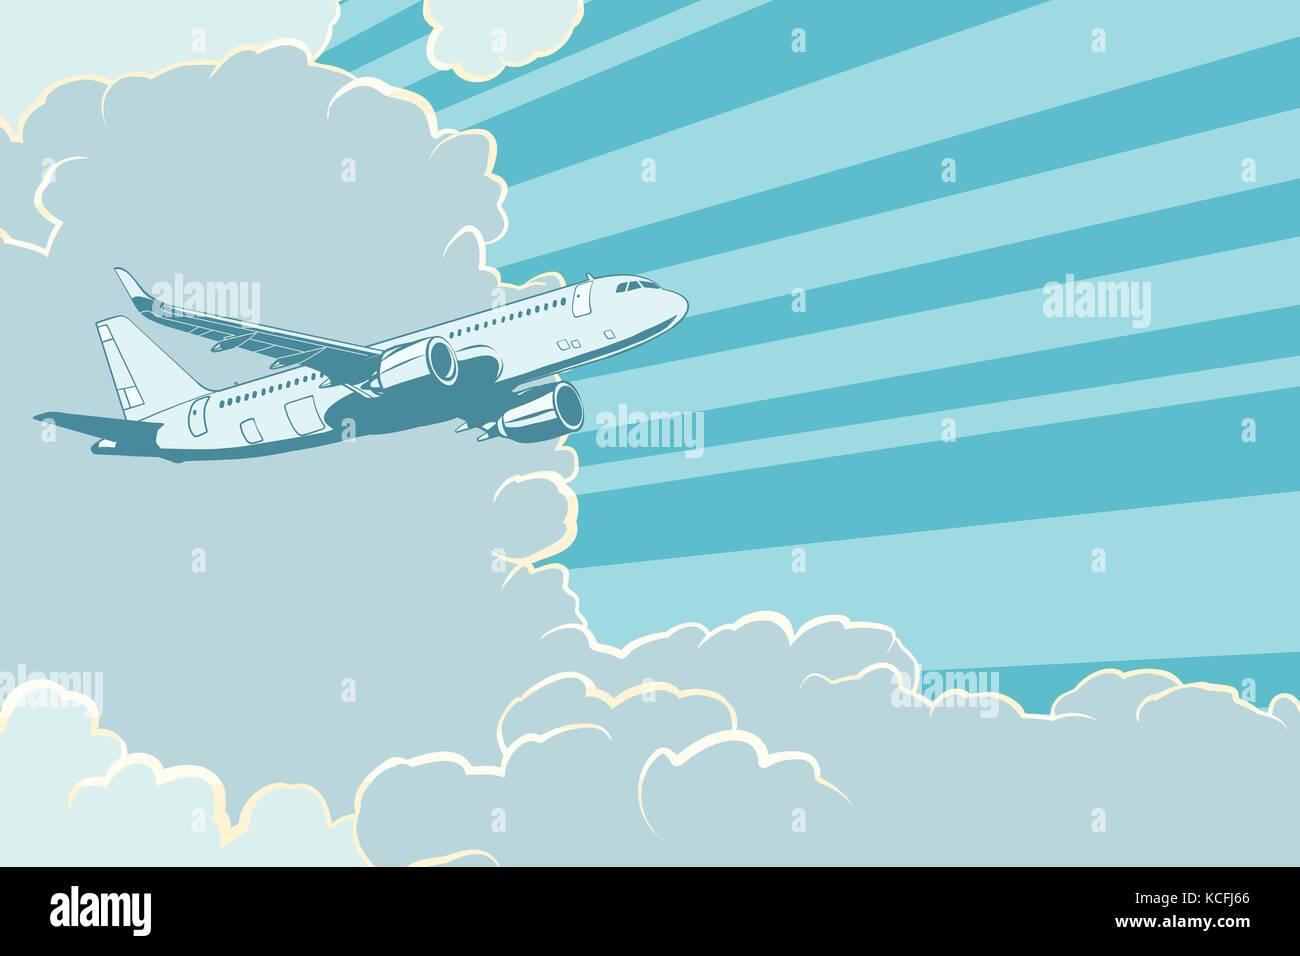 Retro Flugzeug fliegen in den Wolken. Flugreisen Hintergrund Stockbild